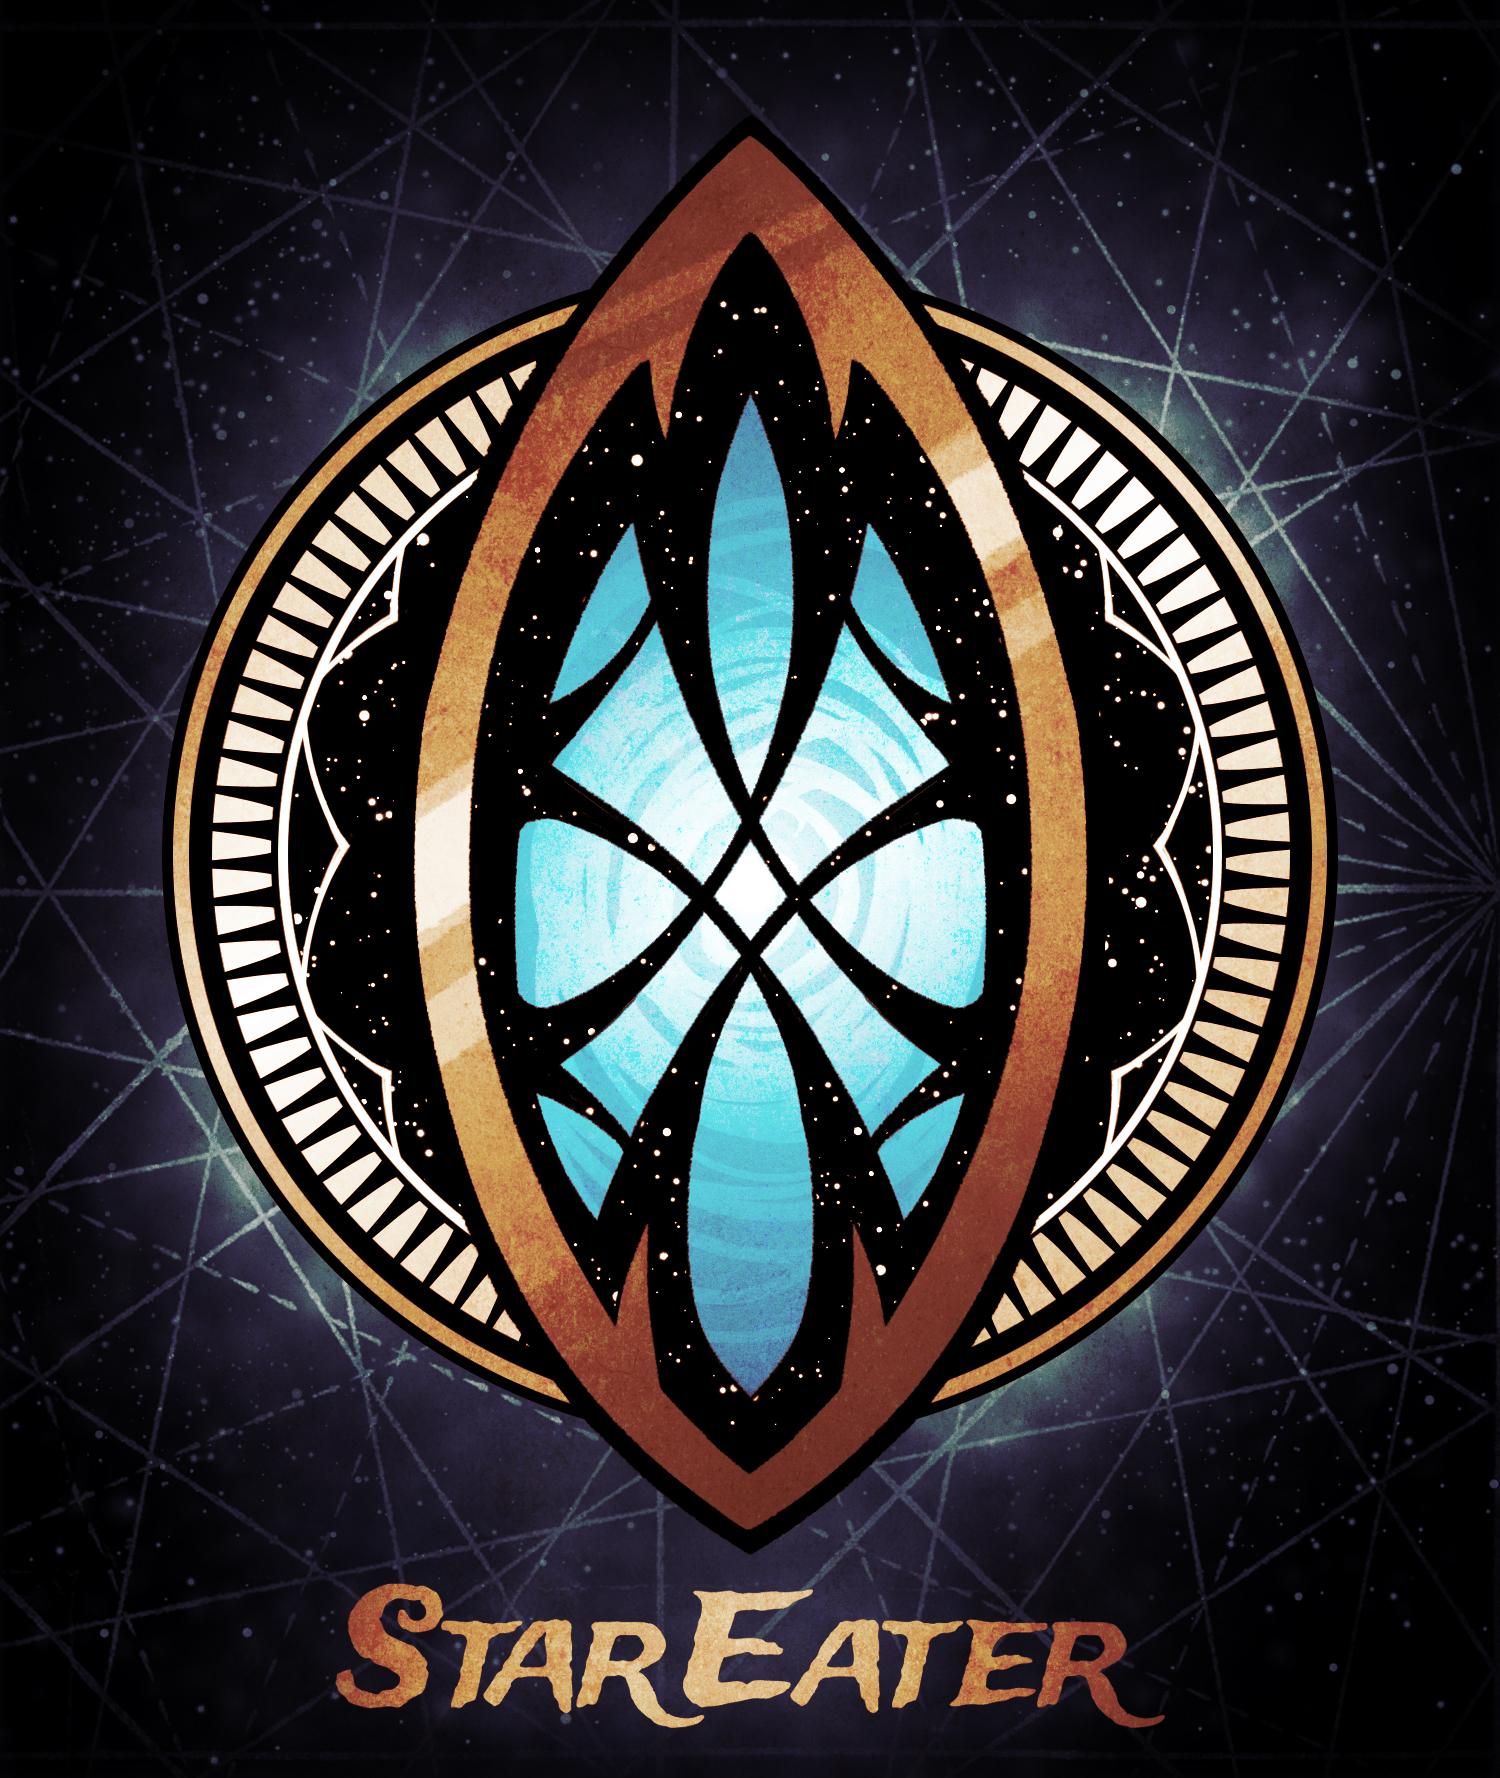 Star Eater Title 03.jpg